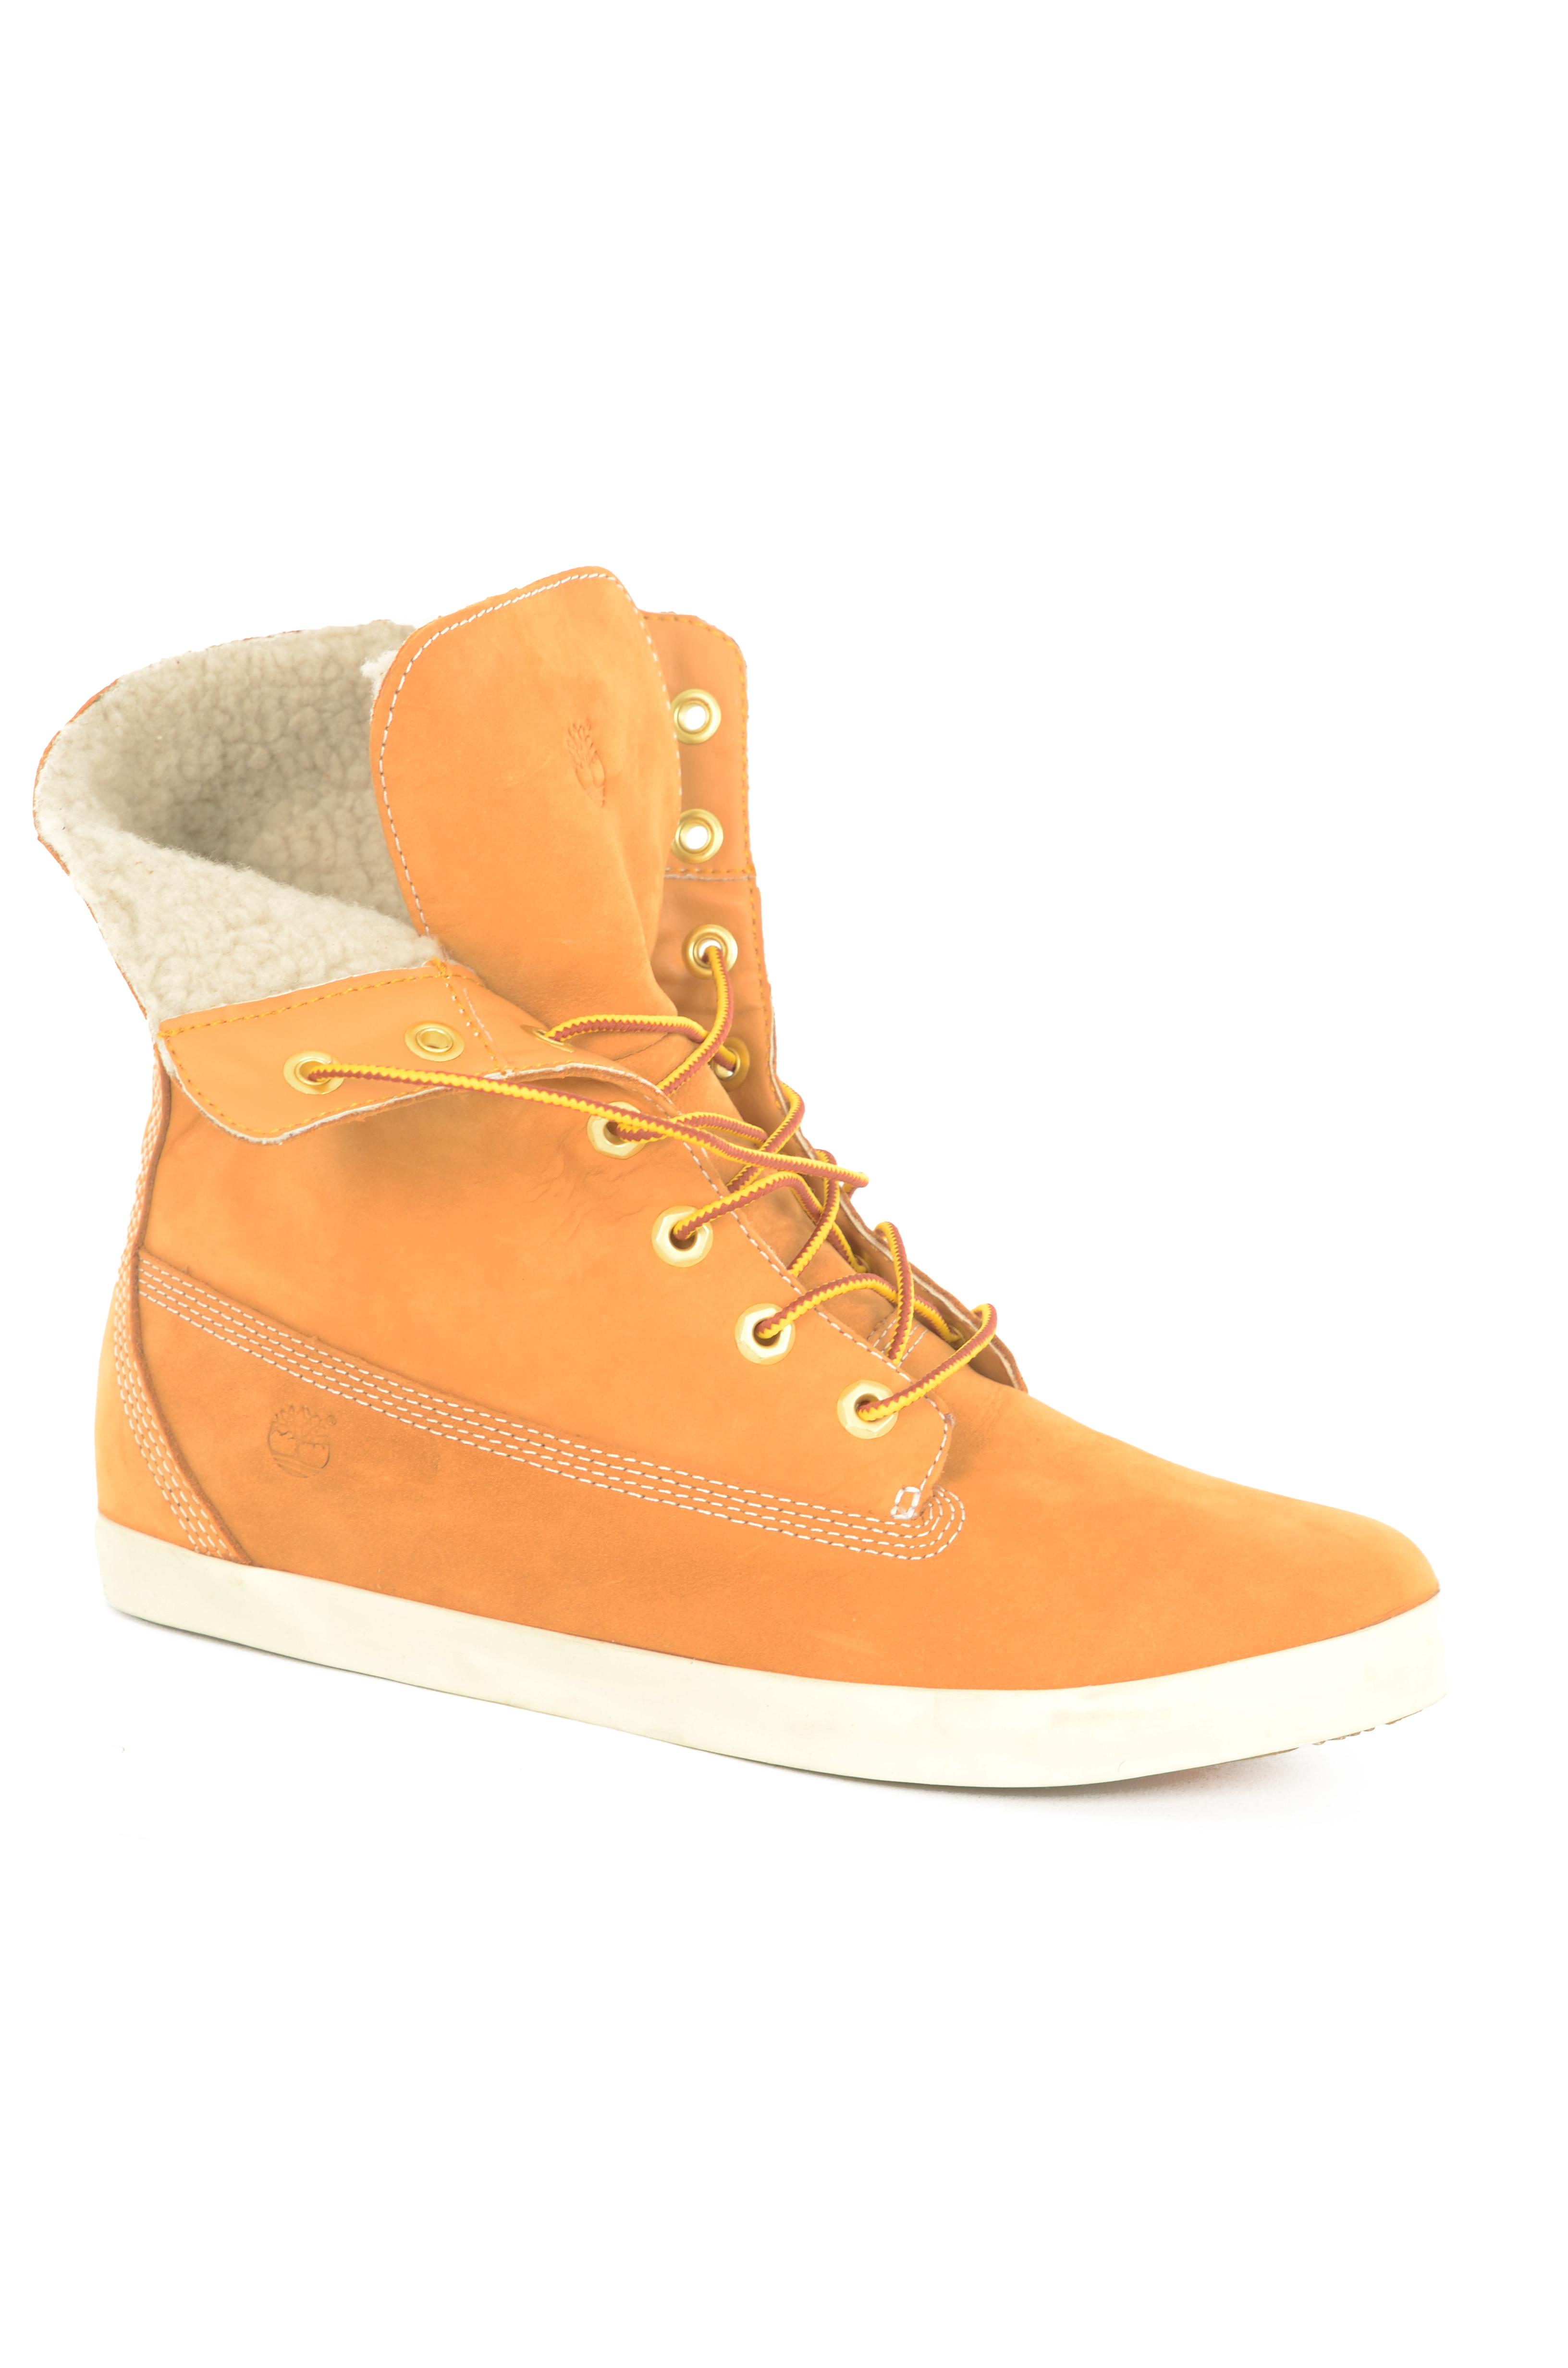 Chaussures Ville 8643a At Zsxza Femme Timberland Beige English De XqUwgxSIx